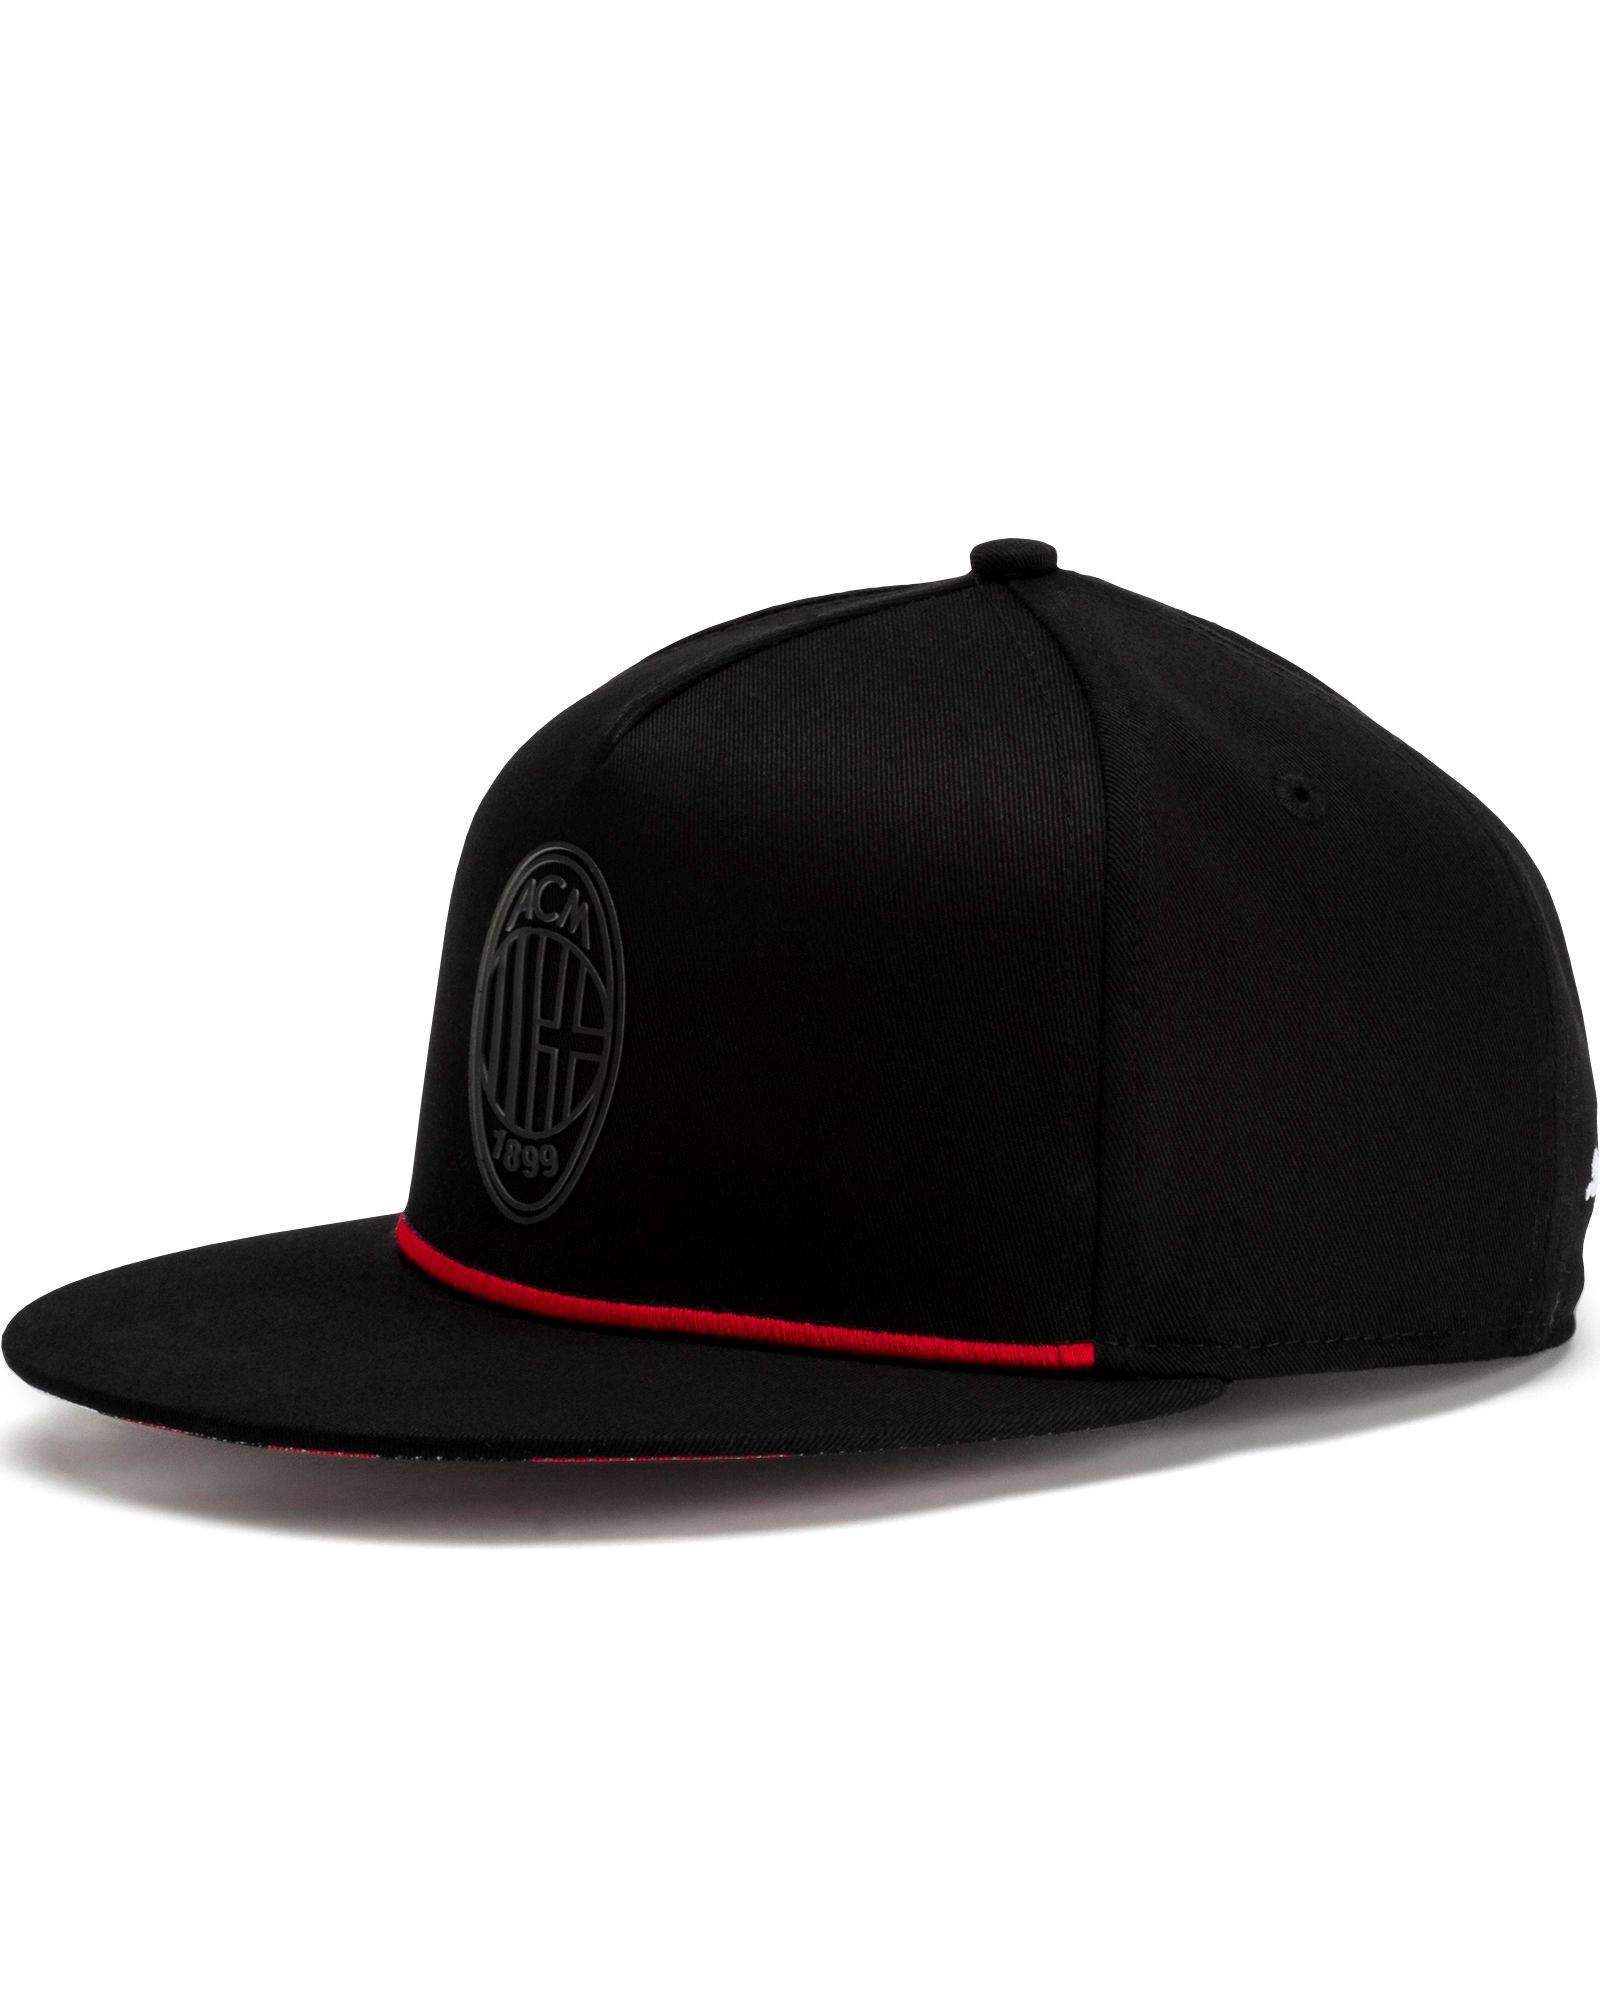 Ac Milan Puma Cappello Berretto Hat tg Unisex Nero Cotone